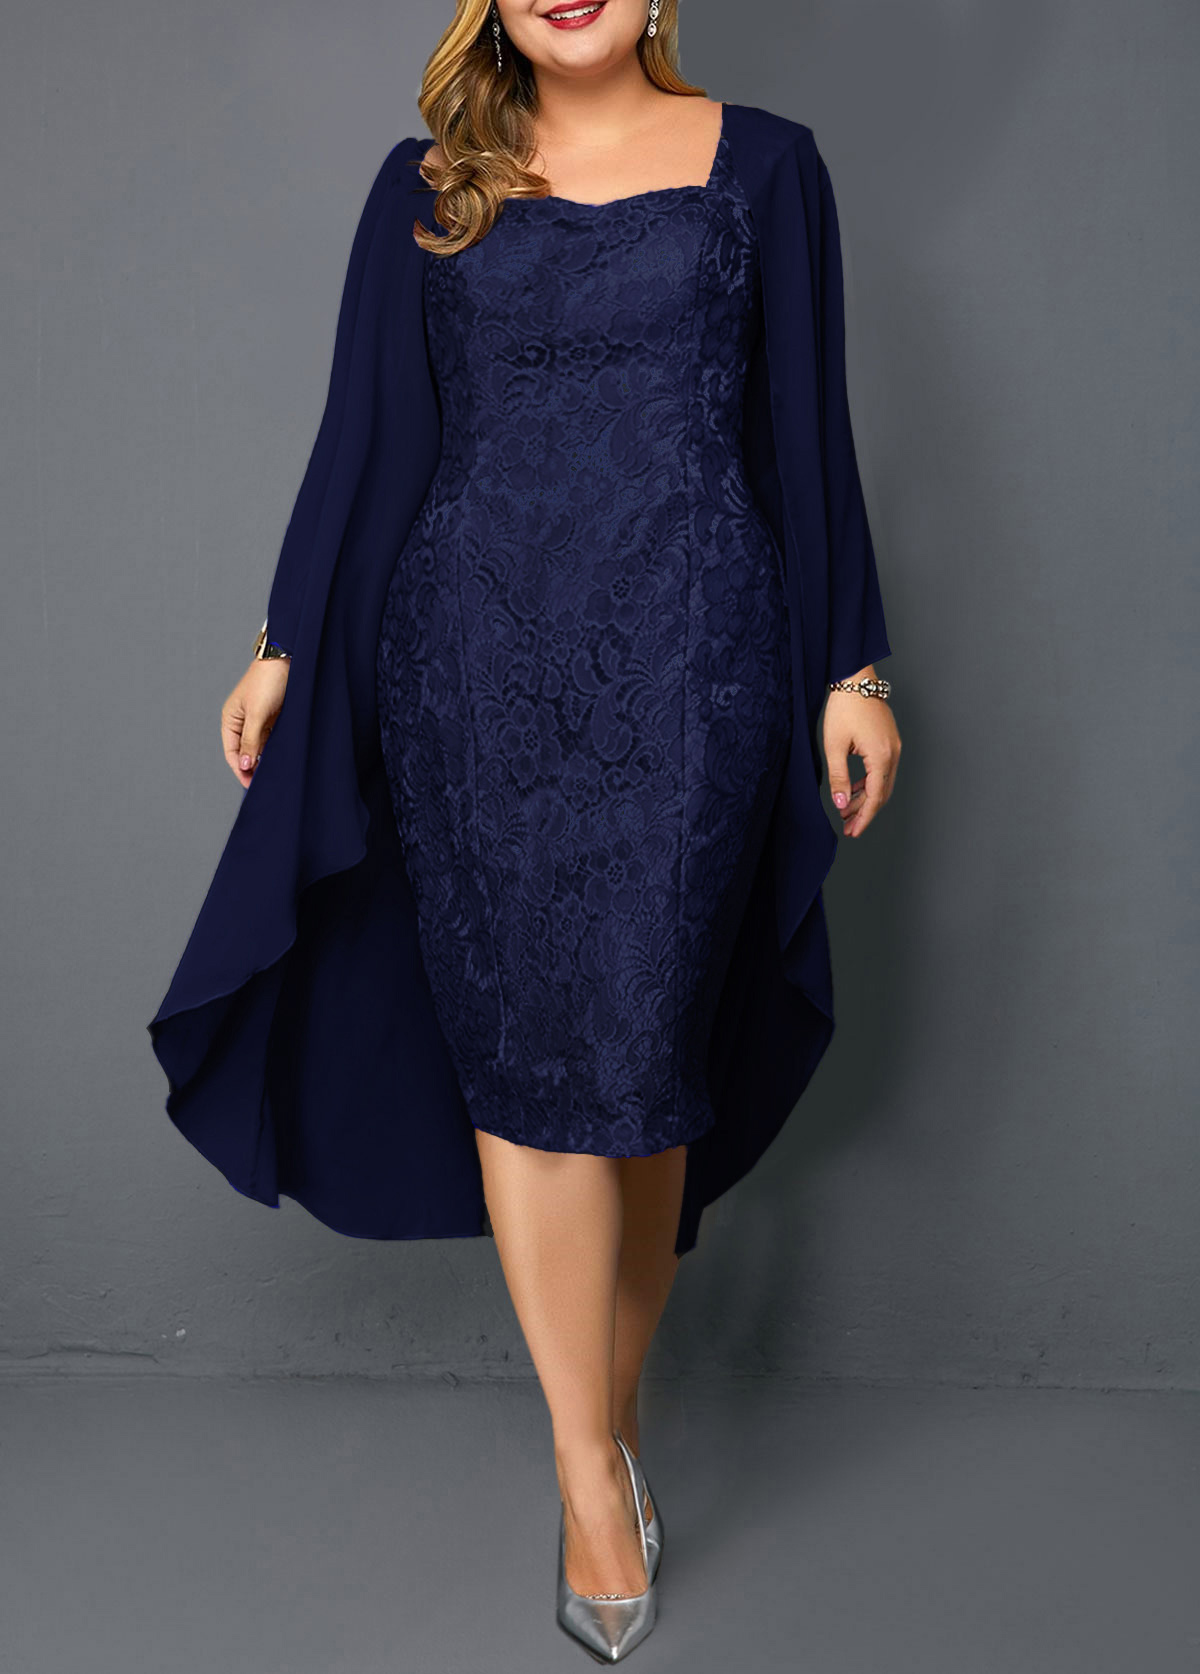 Plus Size Chiffon Cardigan and Sleeveless Navy Blue Lace Dress